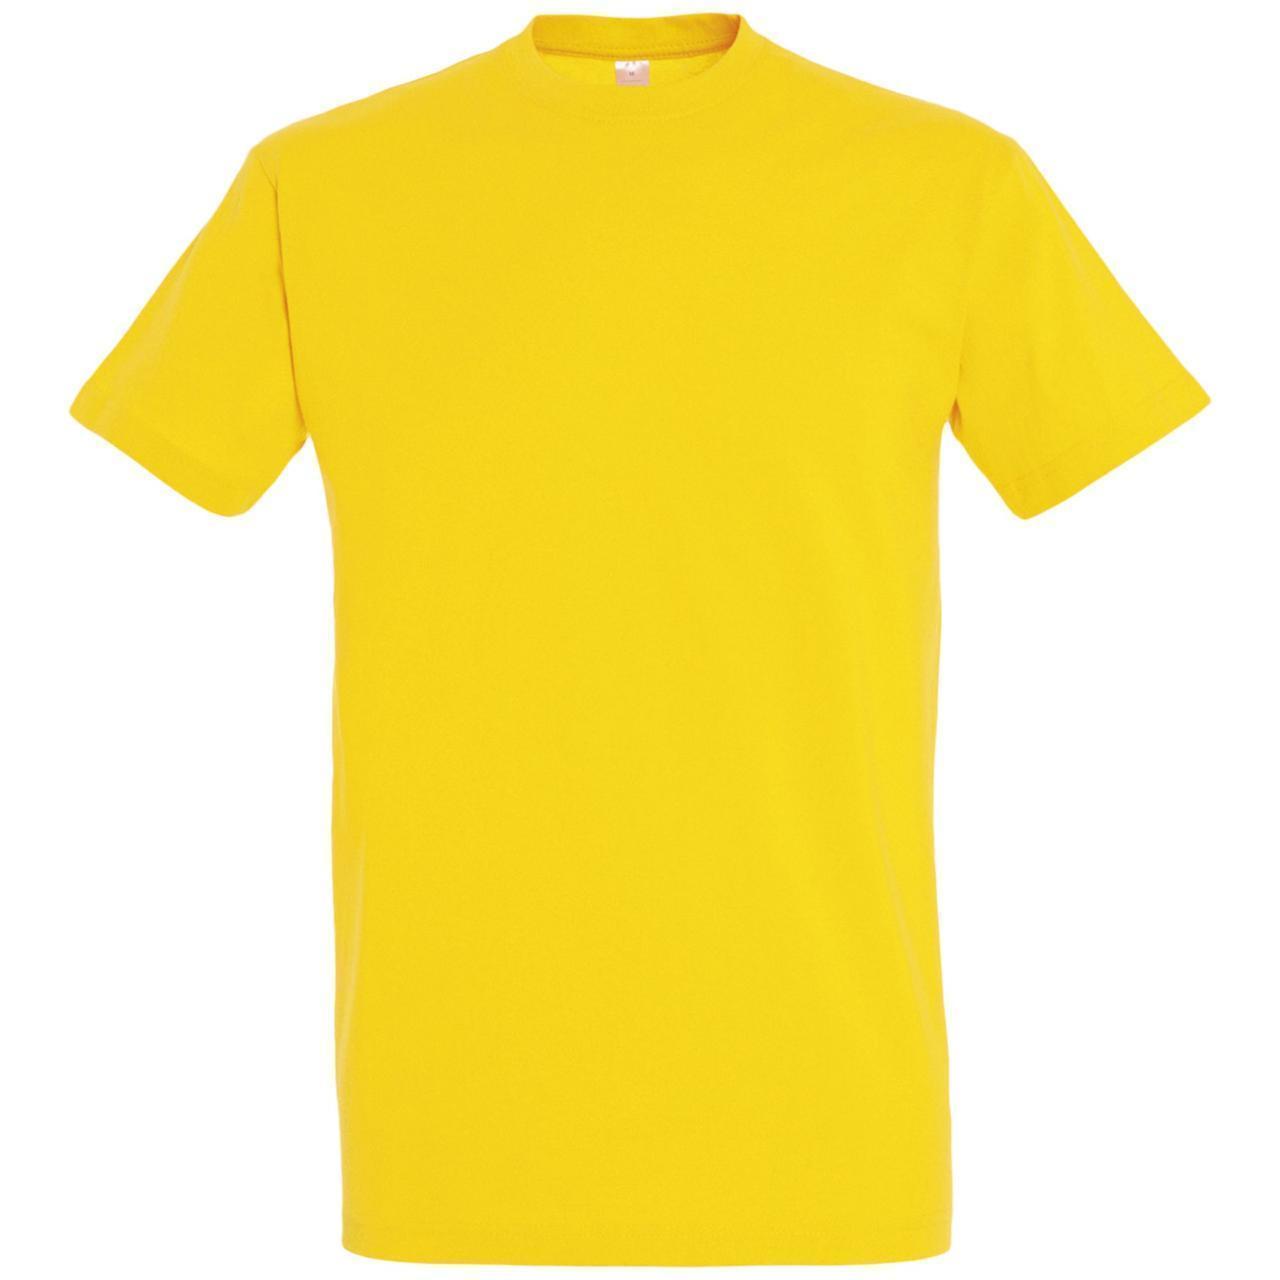 Oднотонная футболка   Желтая   160 гр.   2XL